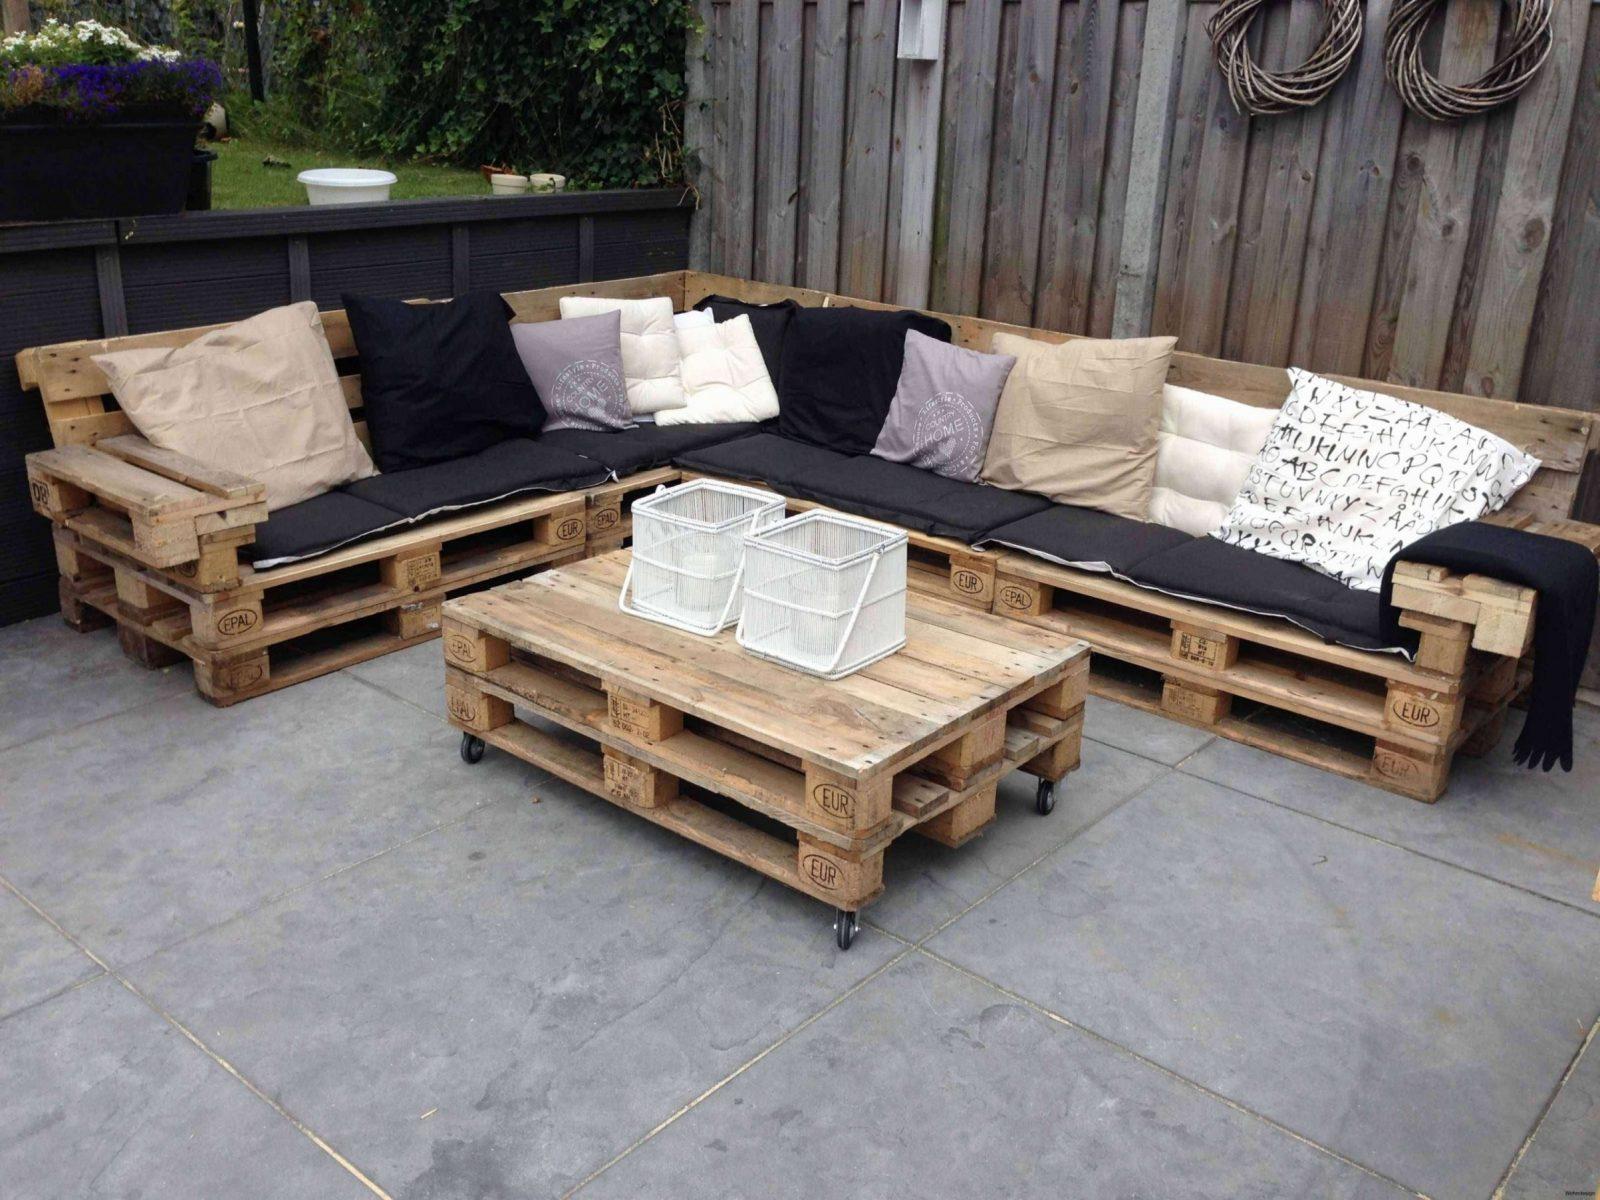 Outdoor Lounge Selber Bauen — Temobardz Home Blog von Lounge Möbel Selber Bauen Photo